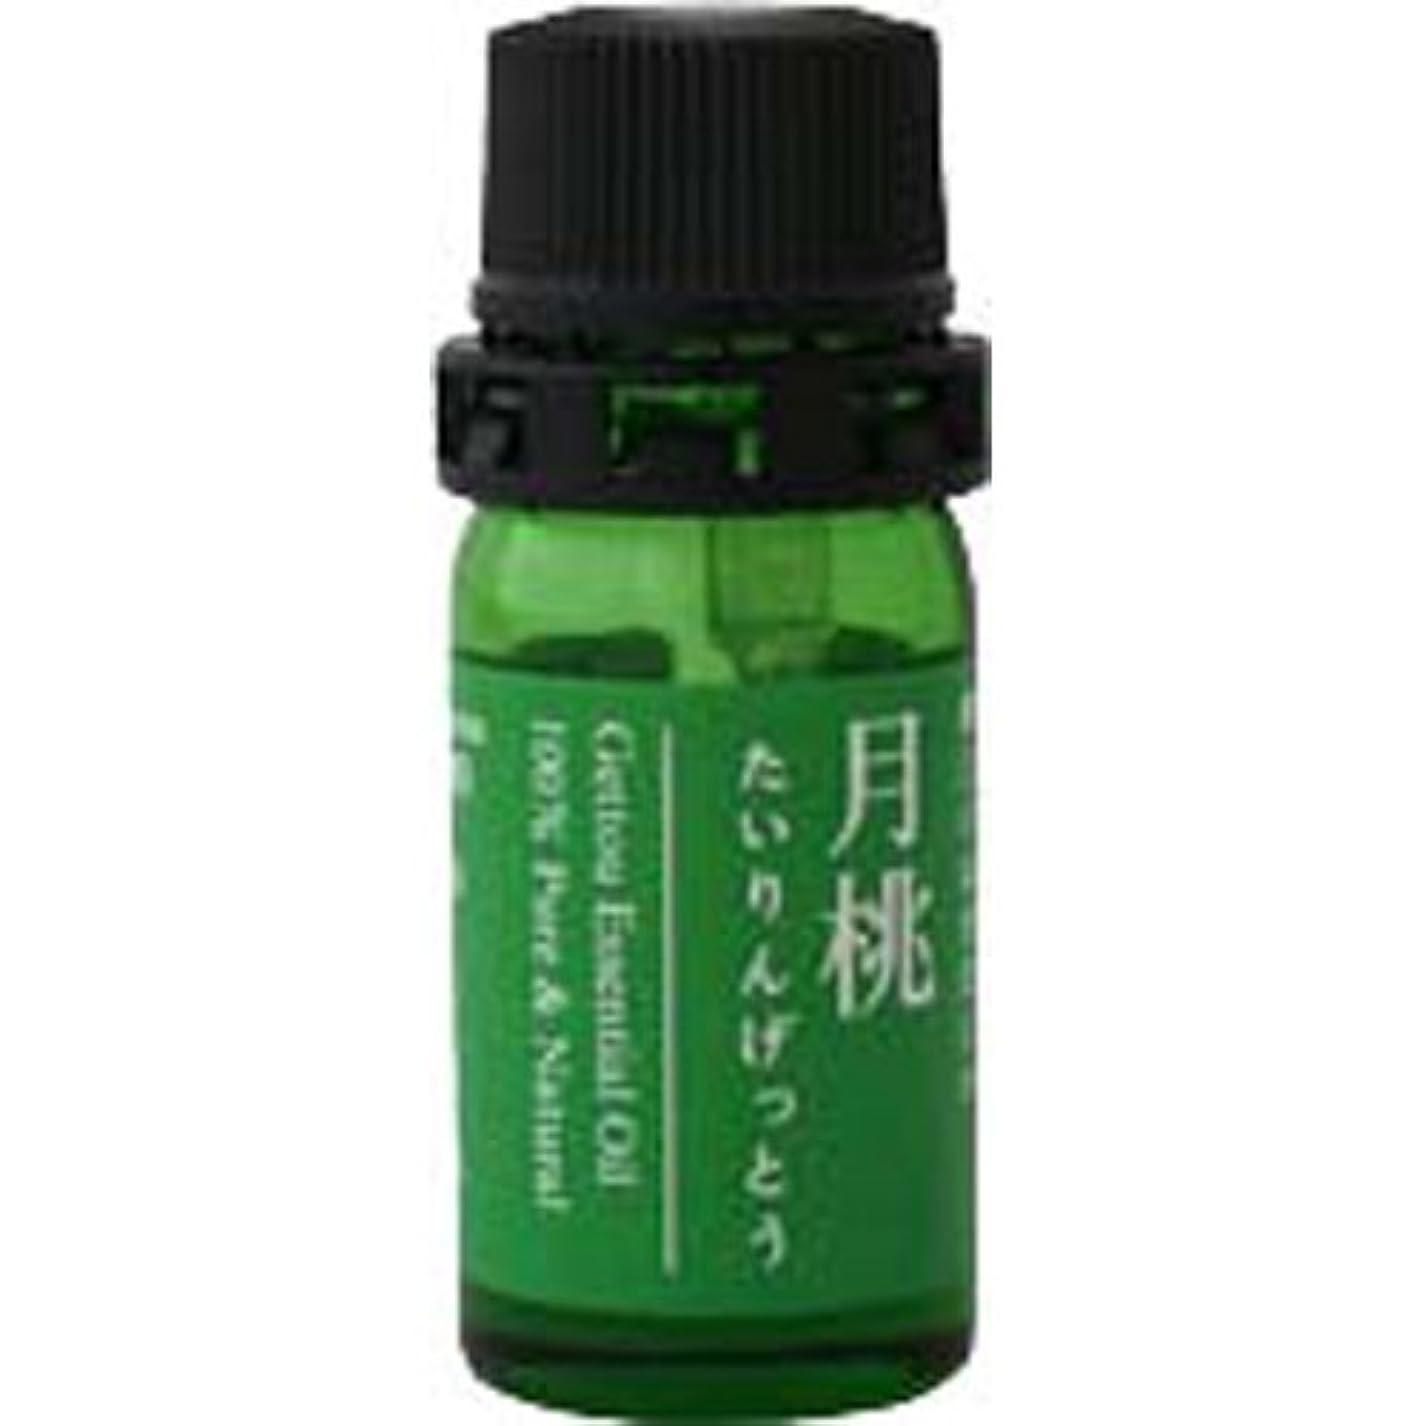 月桃 エッセンシャルオイル (タイリン) 2.5ml